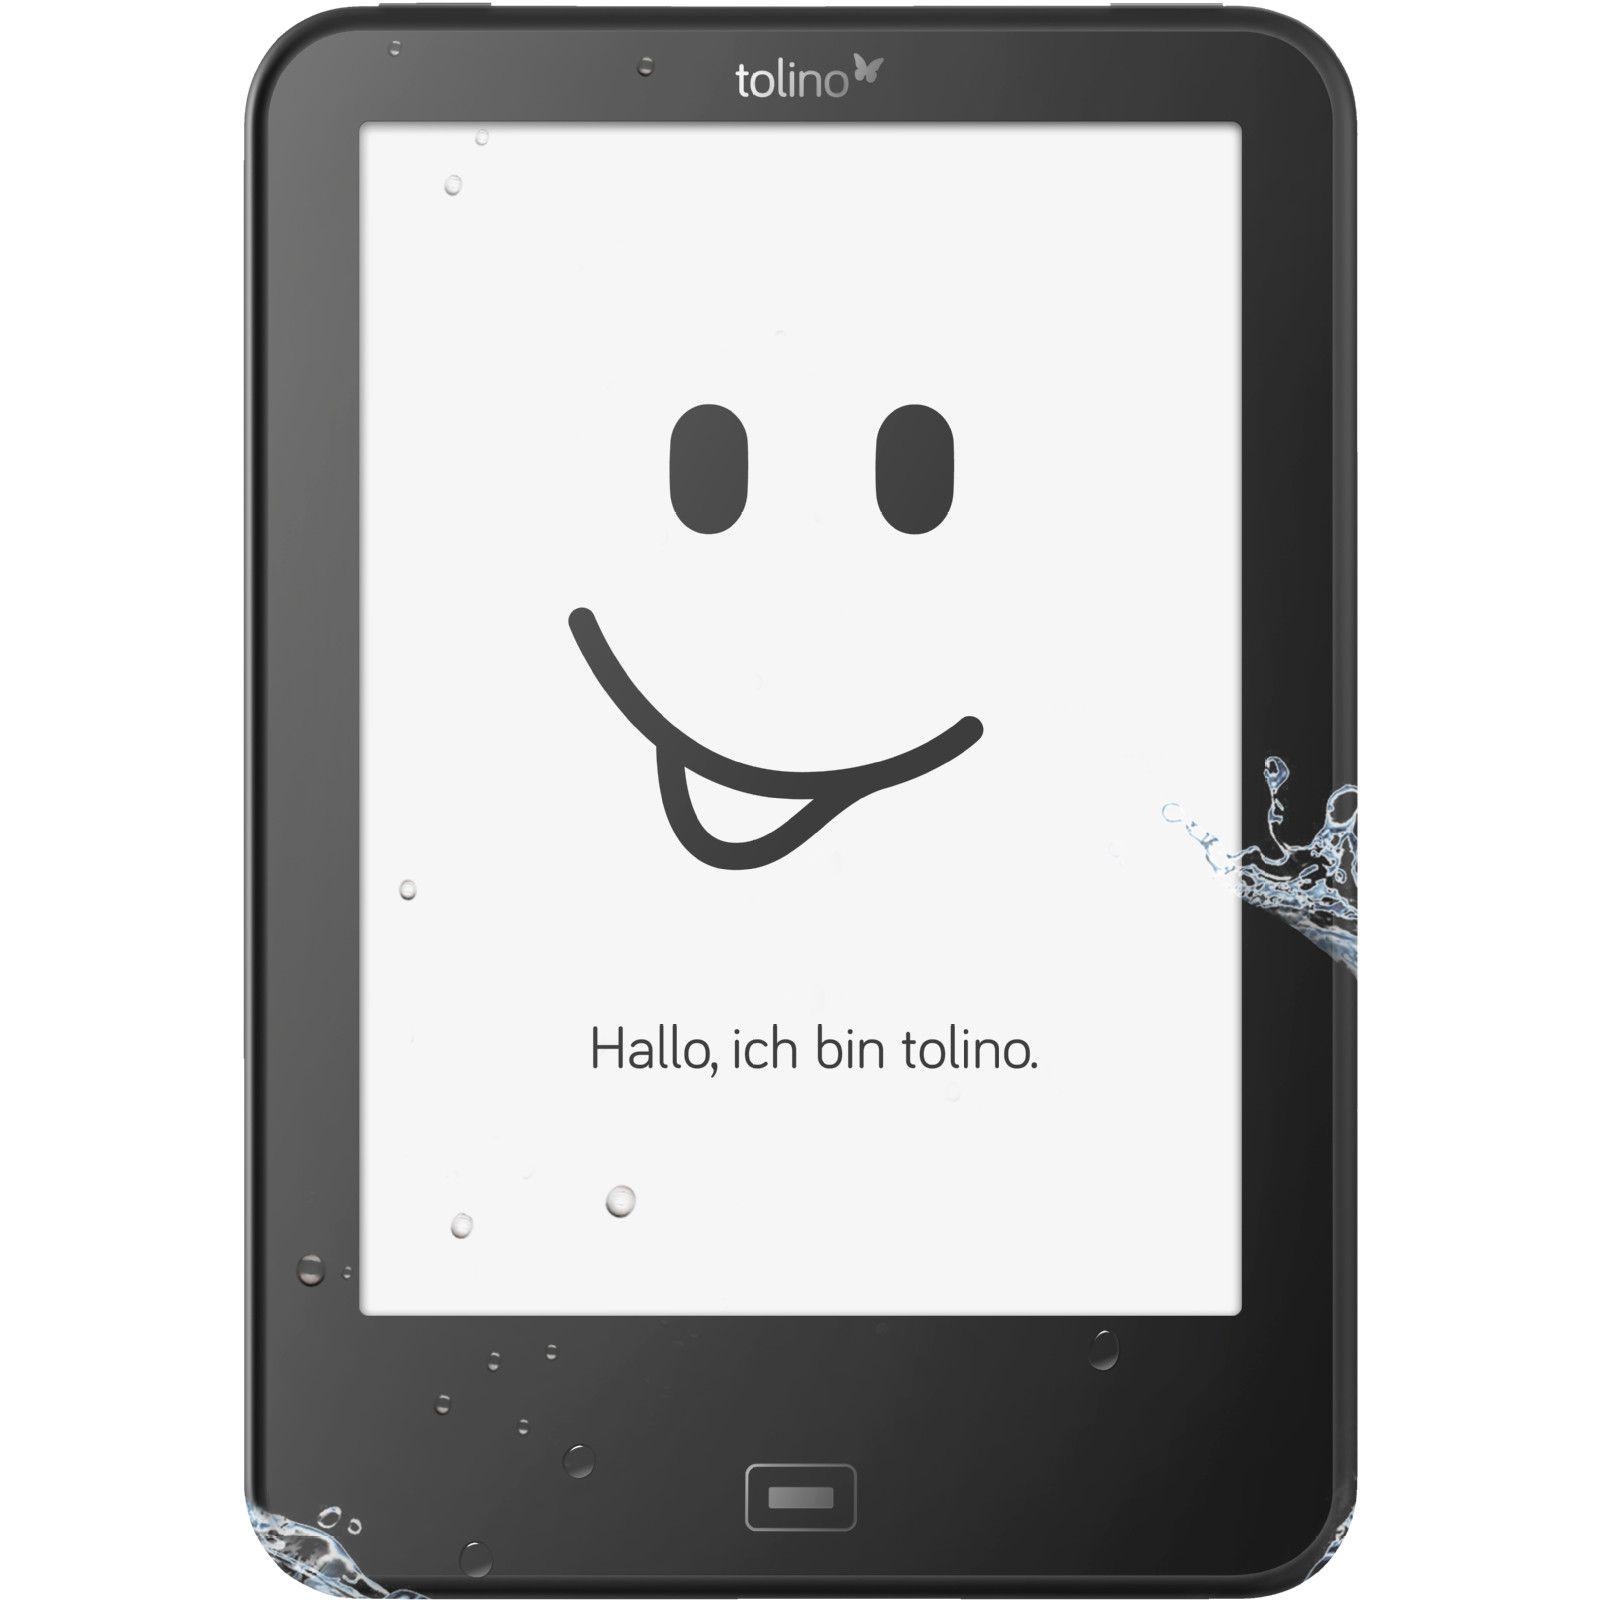 [EBAY PLUS/Media Markt] Tolino Vision 4 HD für 126,65 bei Abholung!